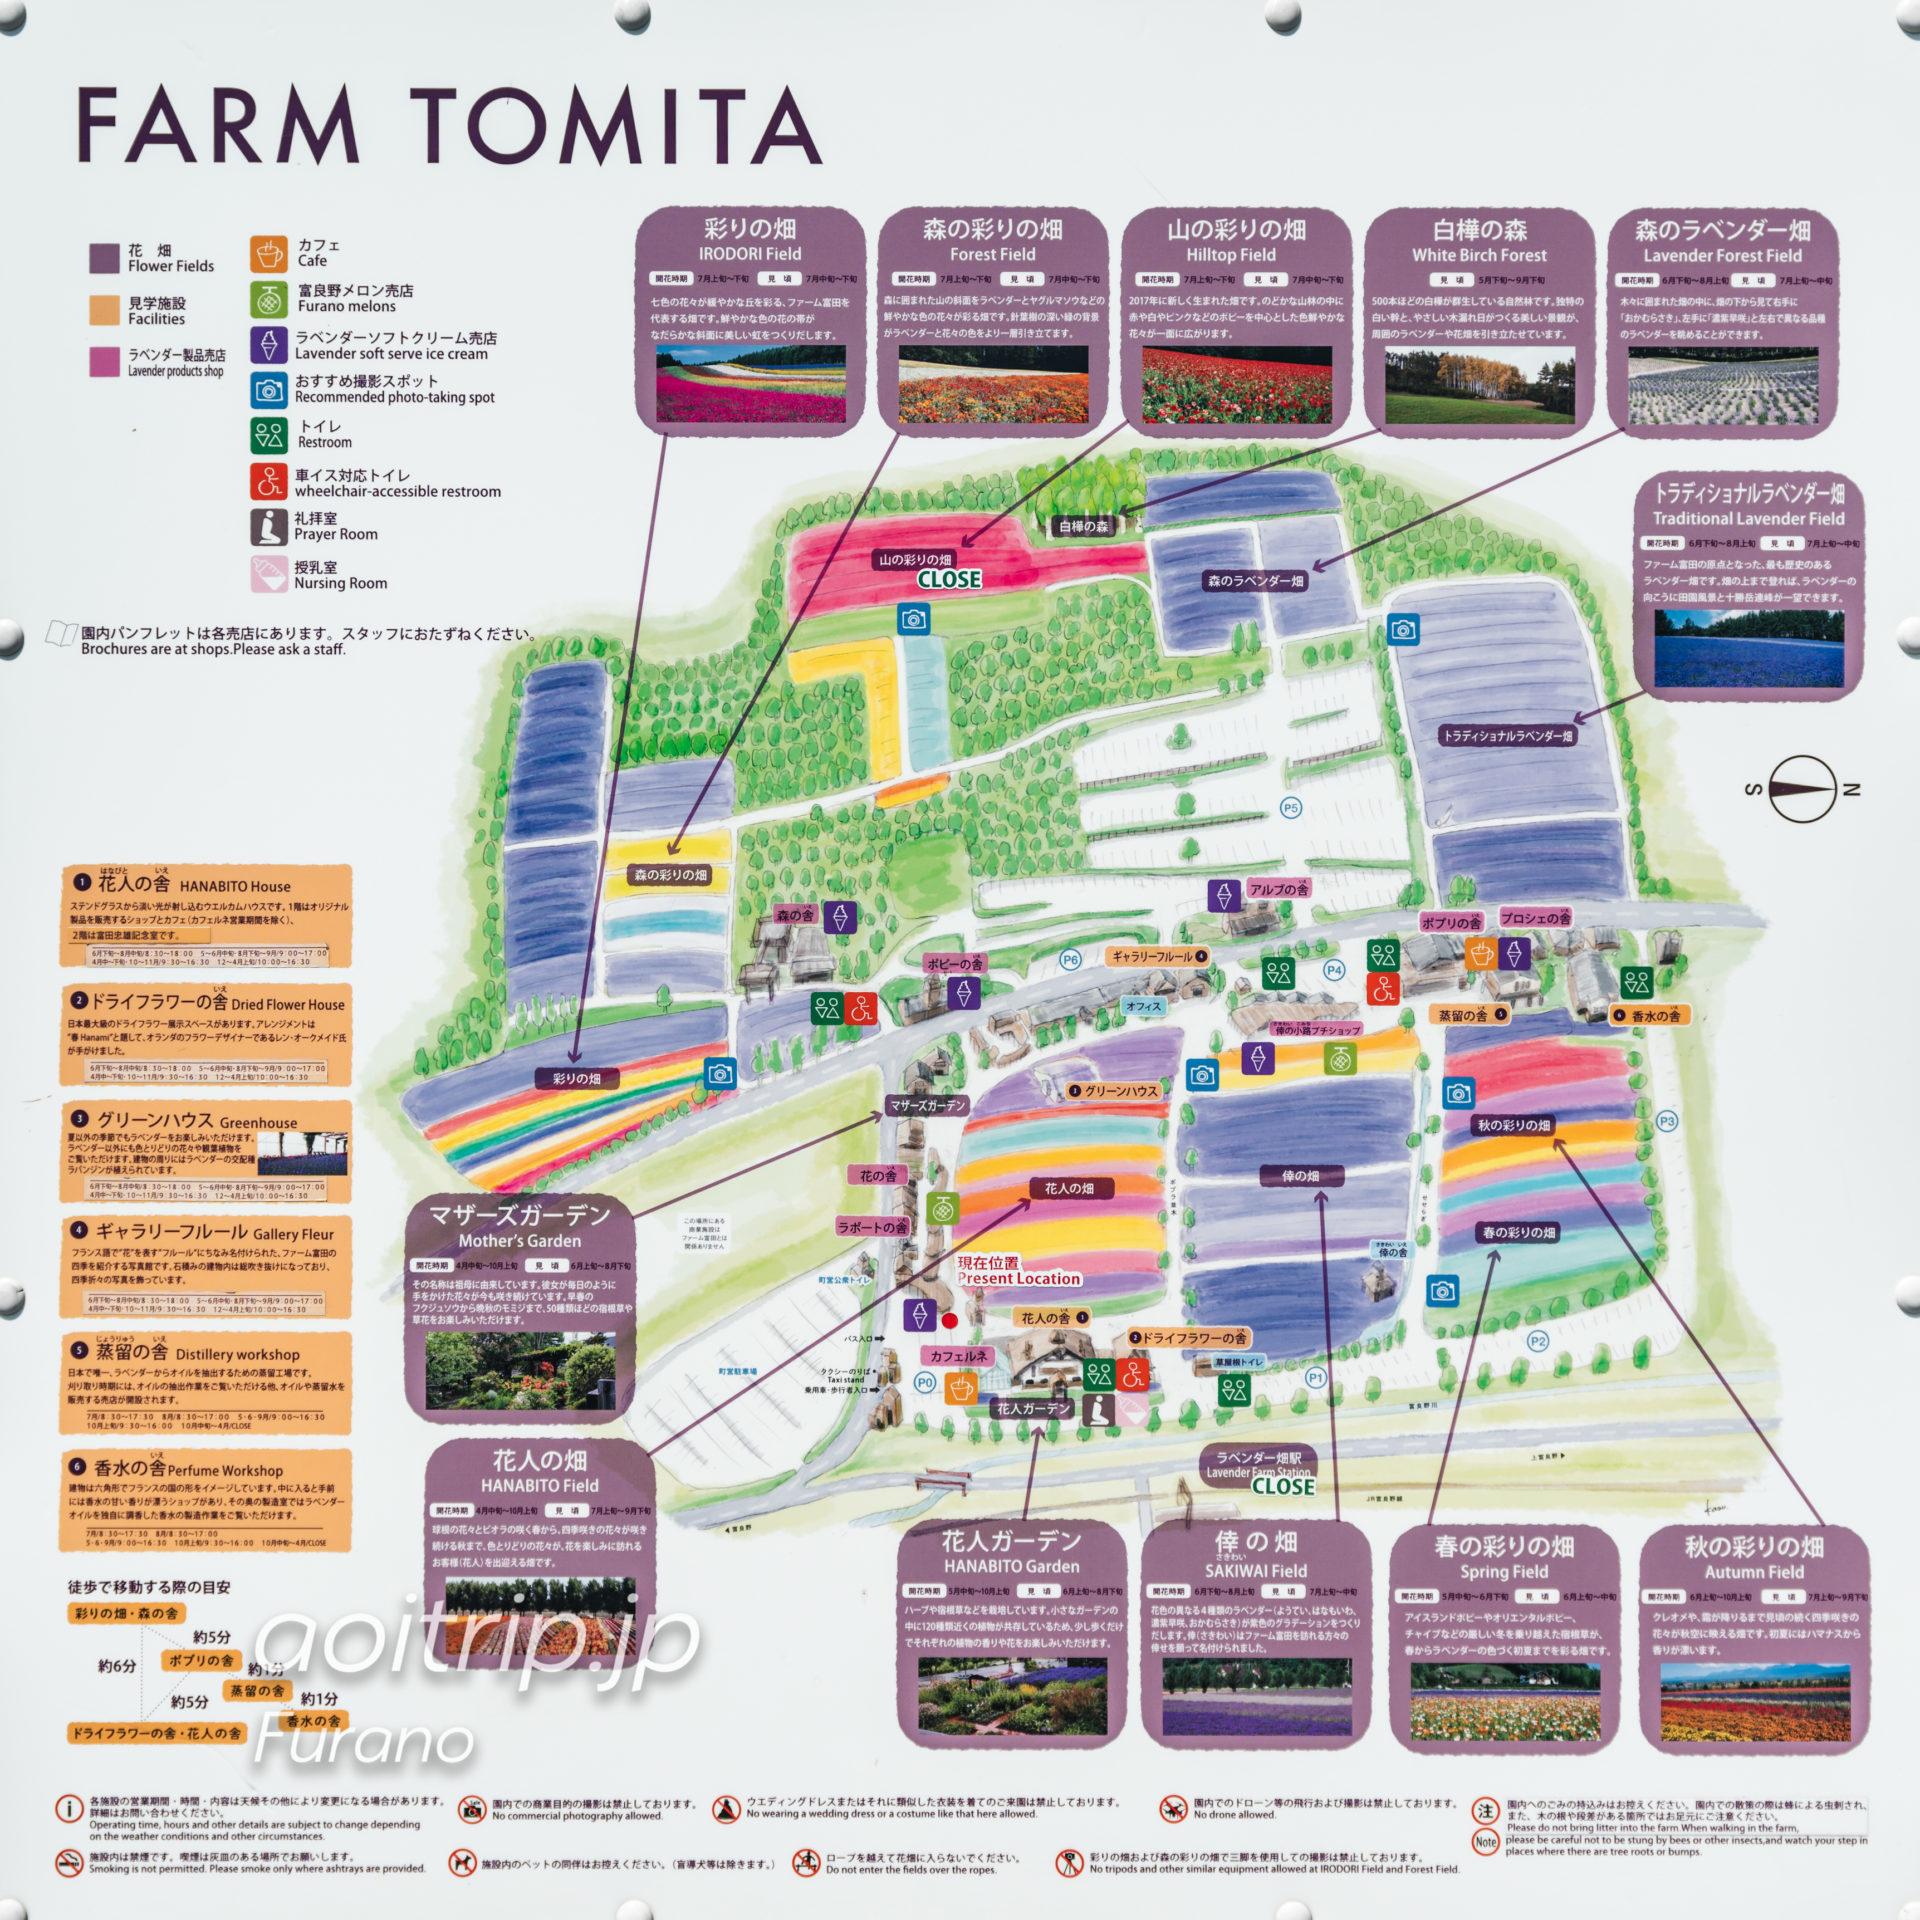 ファーム富田の案内マップ